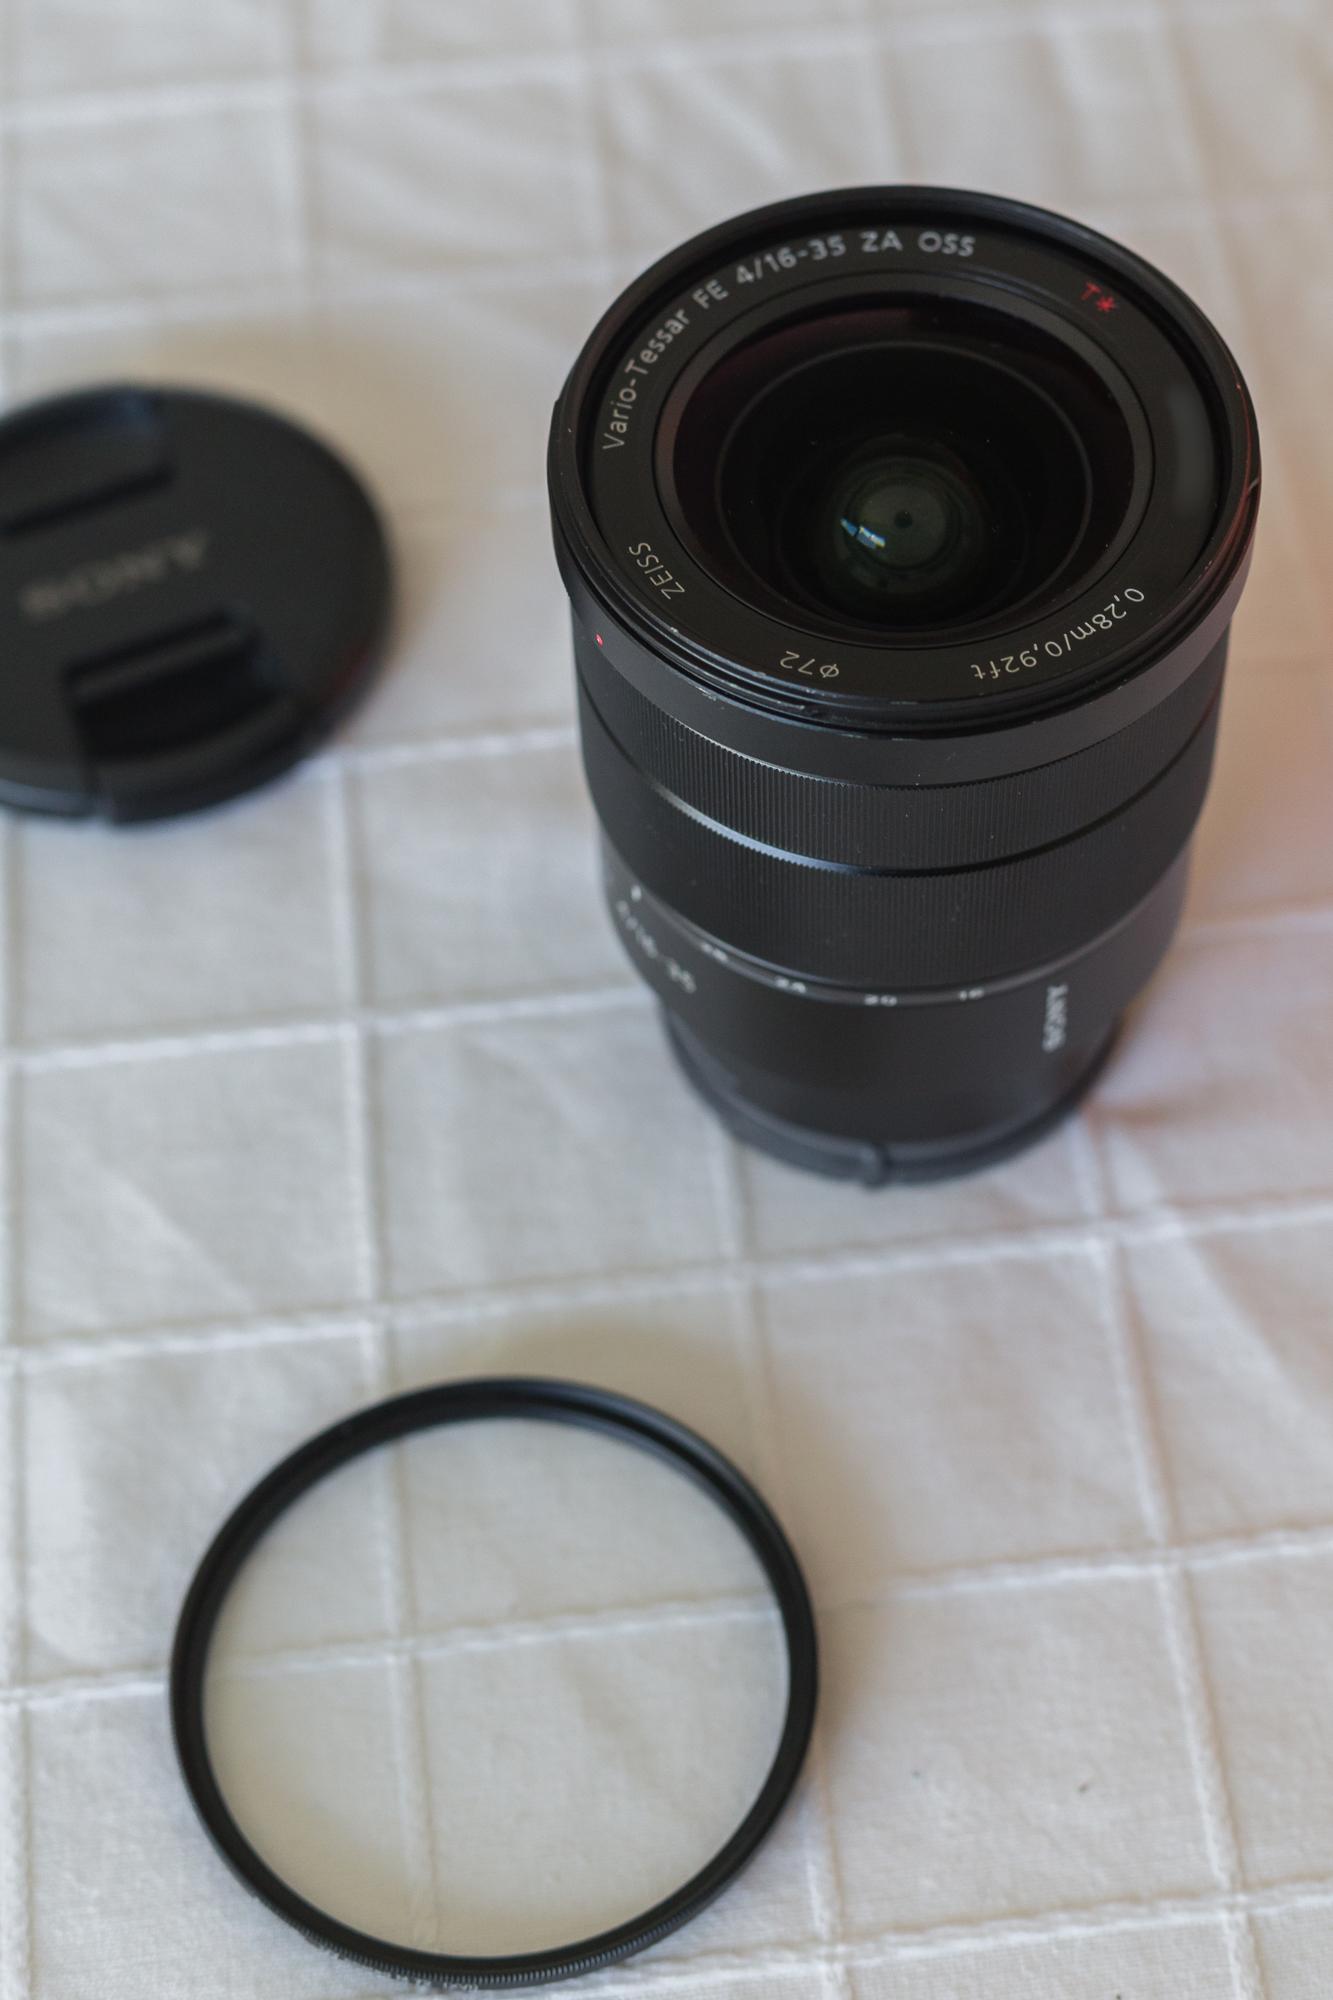 VENDO - Sony Zeiss 16-35mm F/4 + Filtro UV en Camaras y Objetivos271020-sony-16-35-11796-1